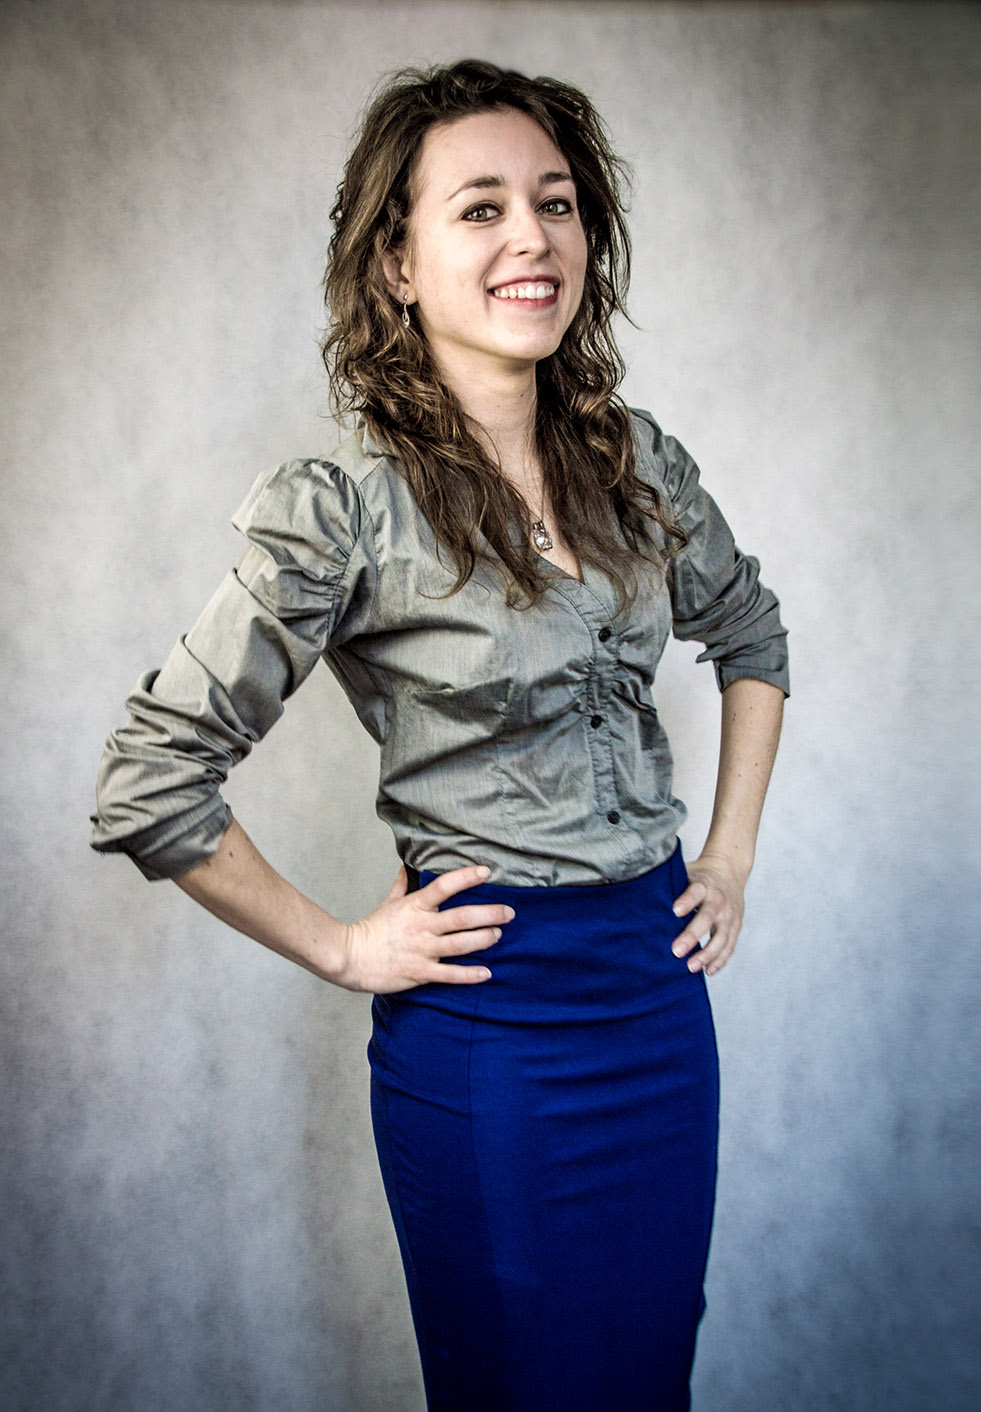 Olivia Pogonowska